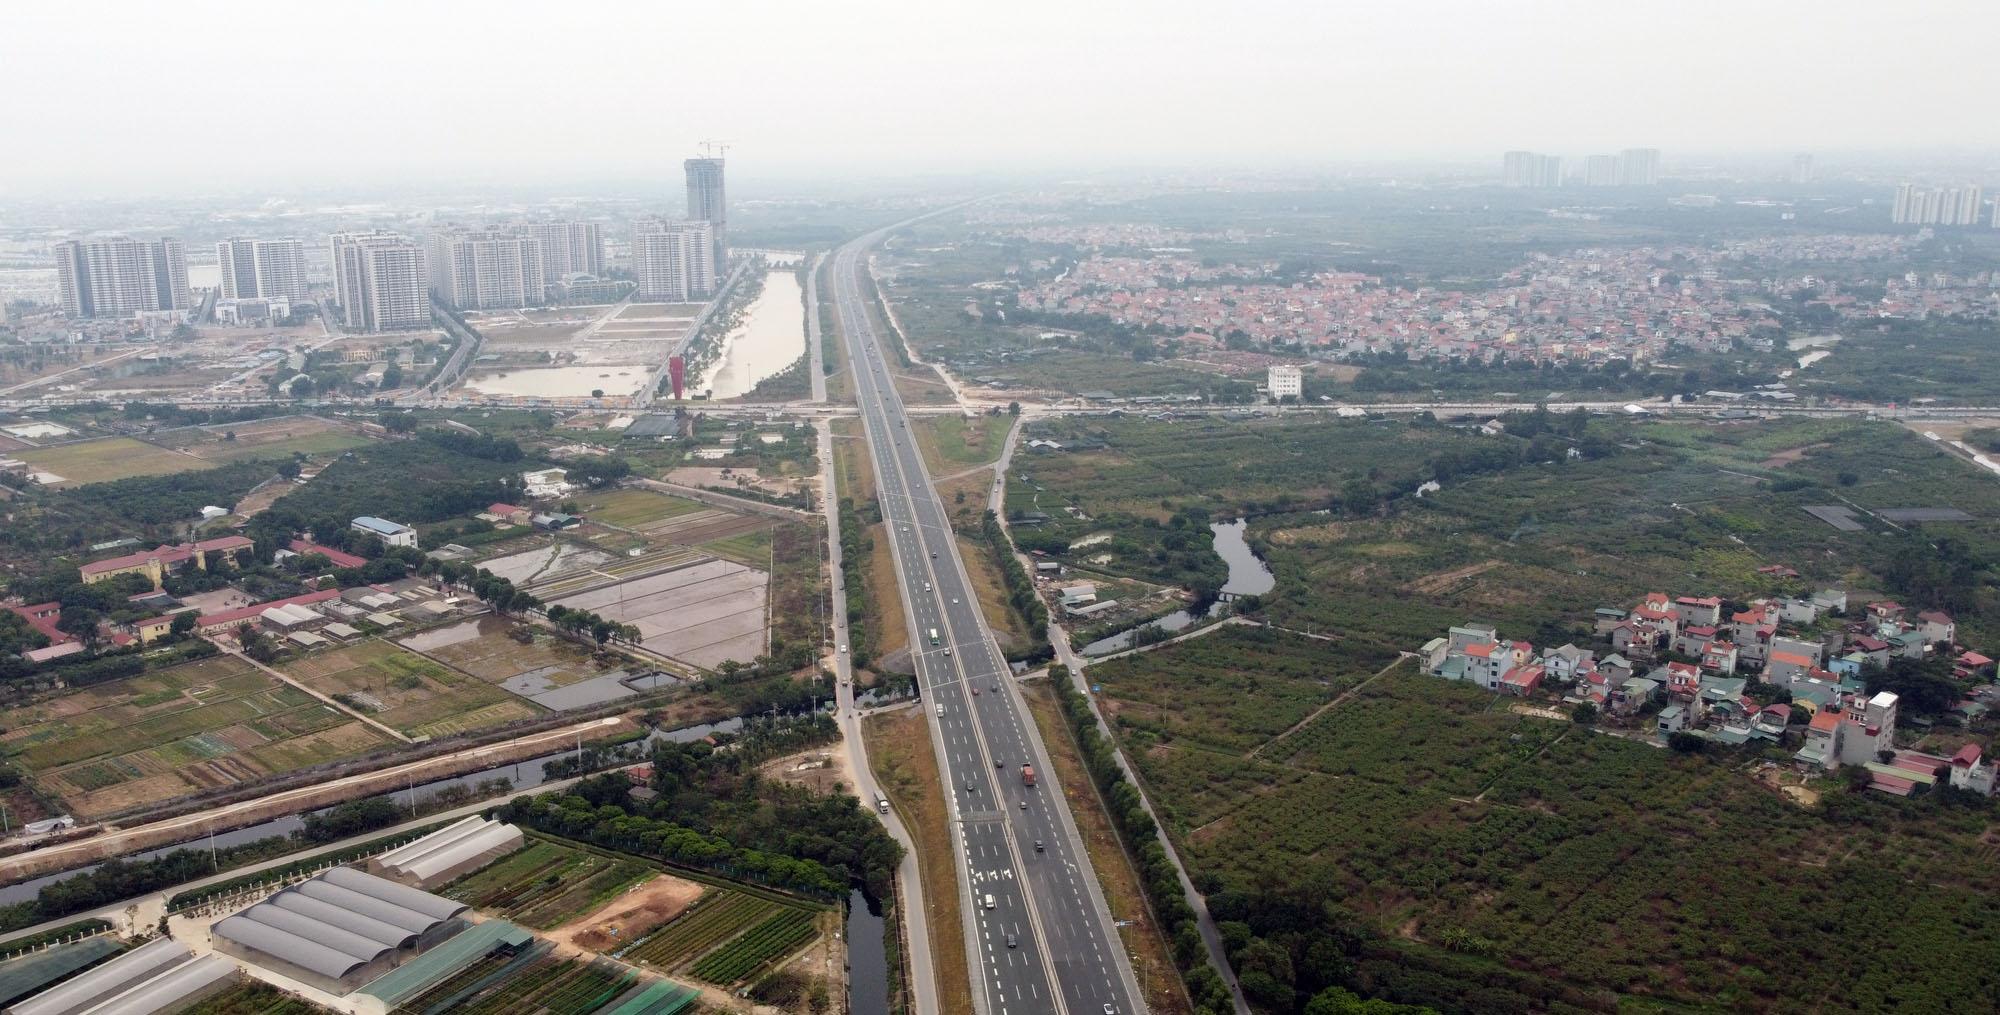 Cận cảnh nút giao đường Vành đai 3 với cao tốc Hà Nội - Hải Phòng trị giá 400 tỷ đồng - Ảnh 9.